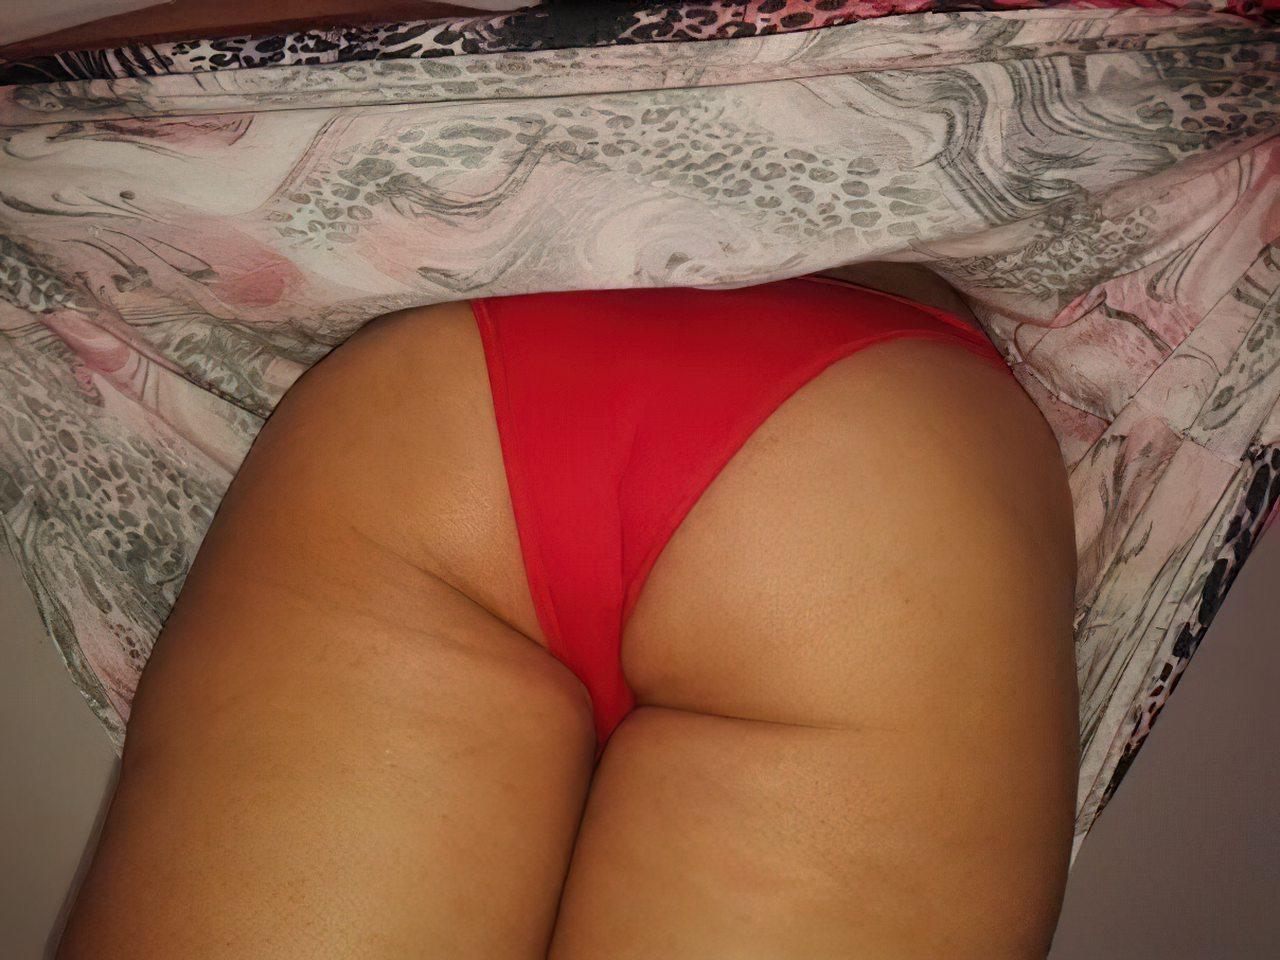 Bucetinha Esposa (41)